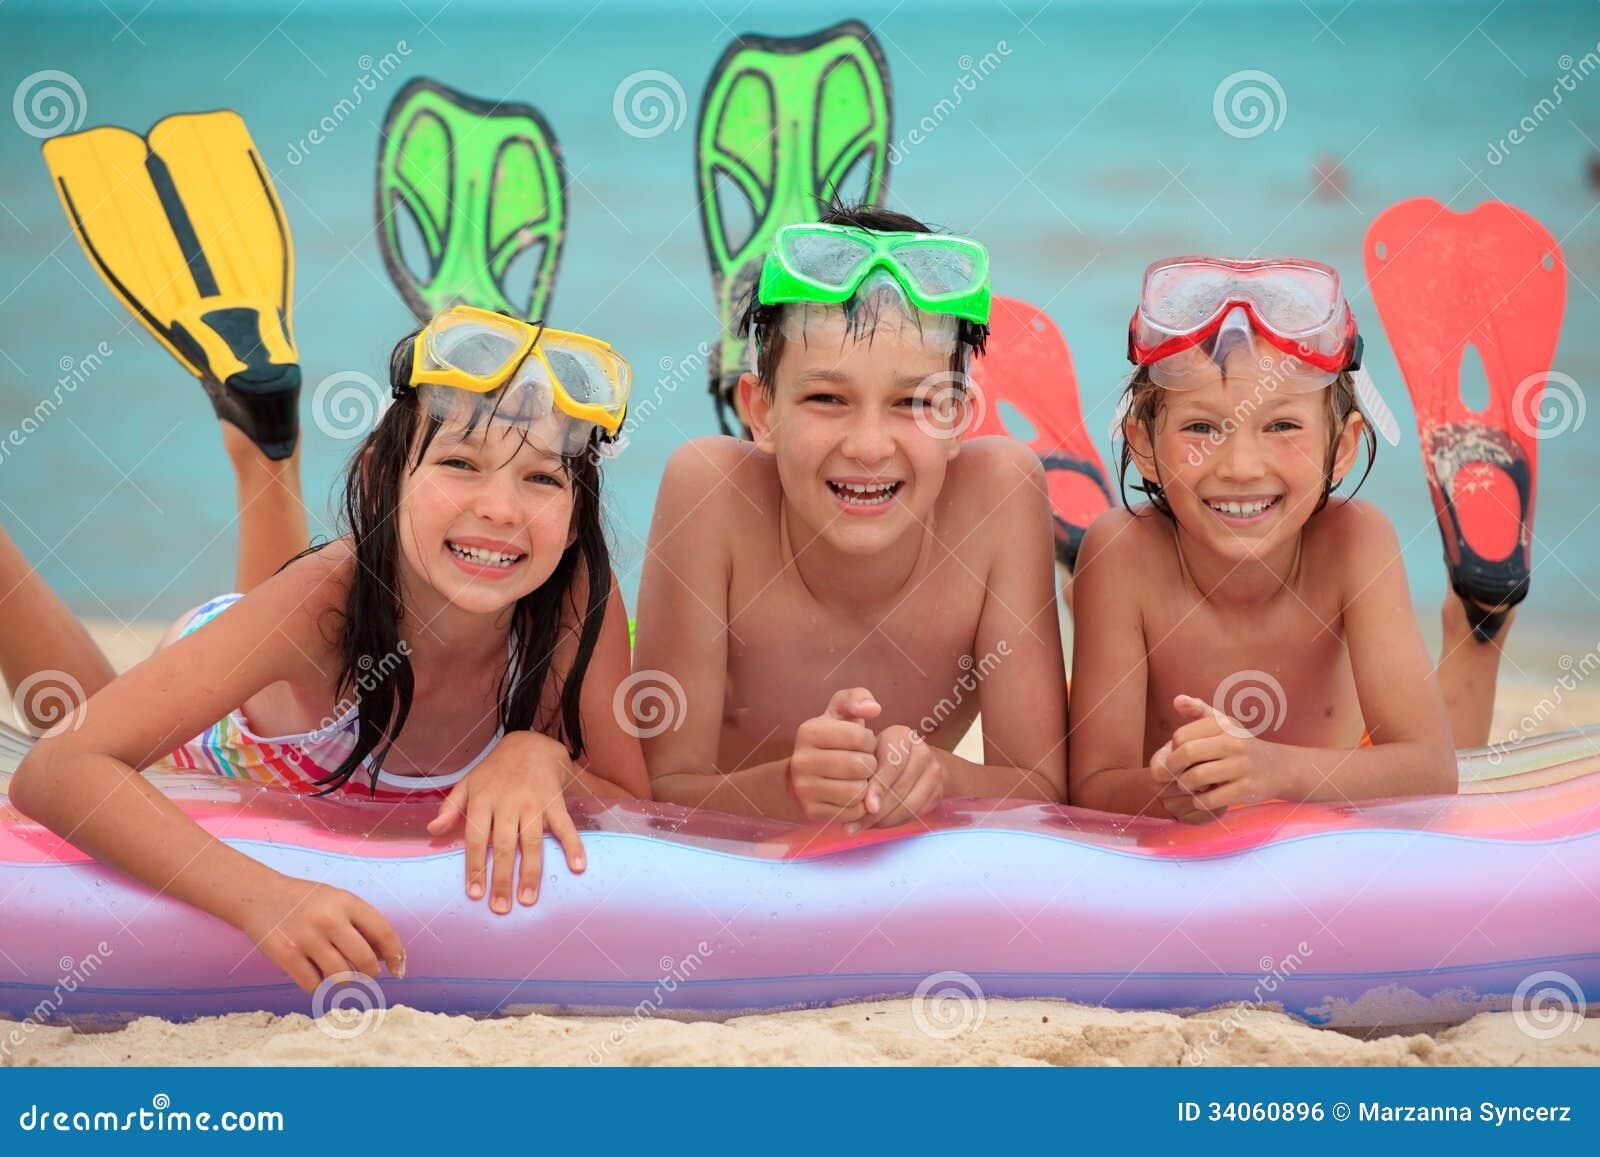 Happy children at beach